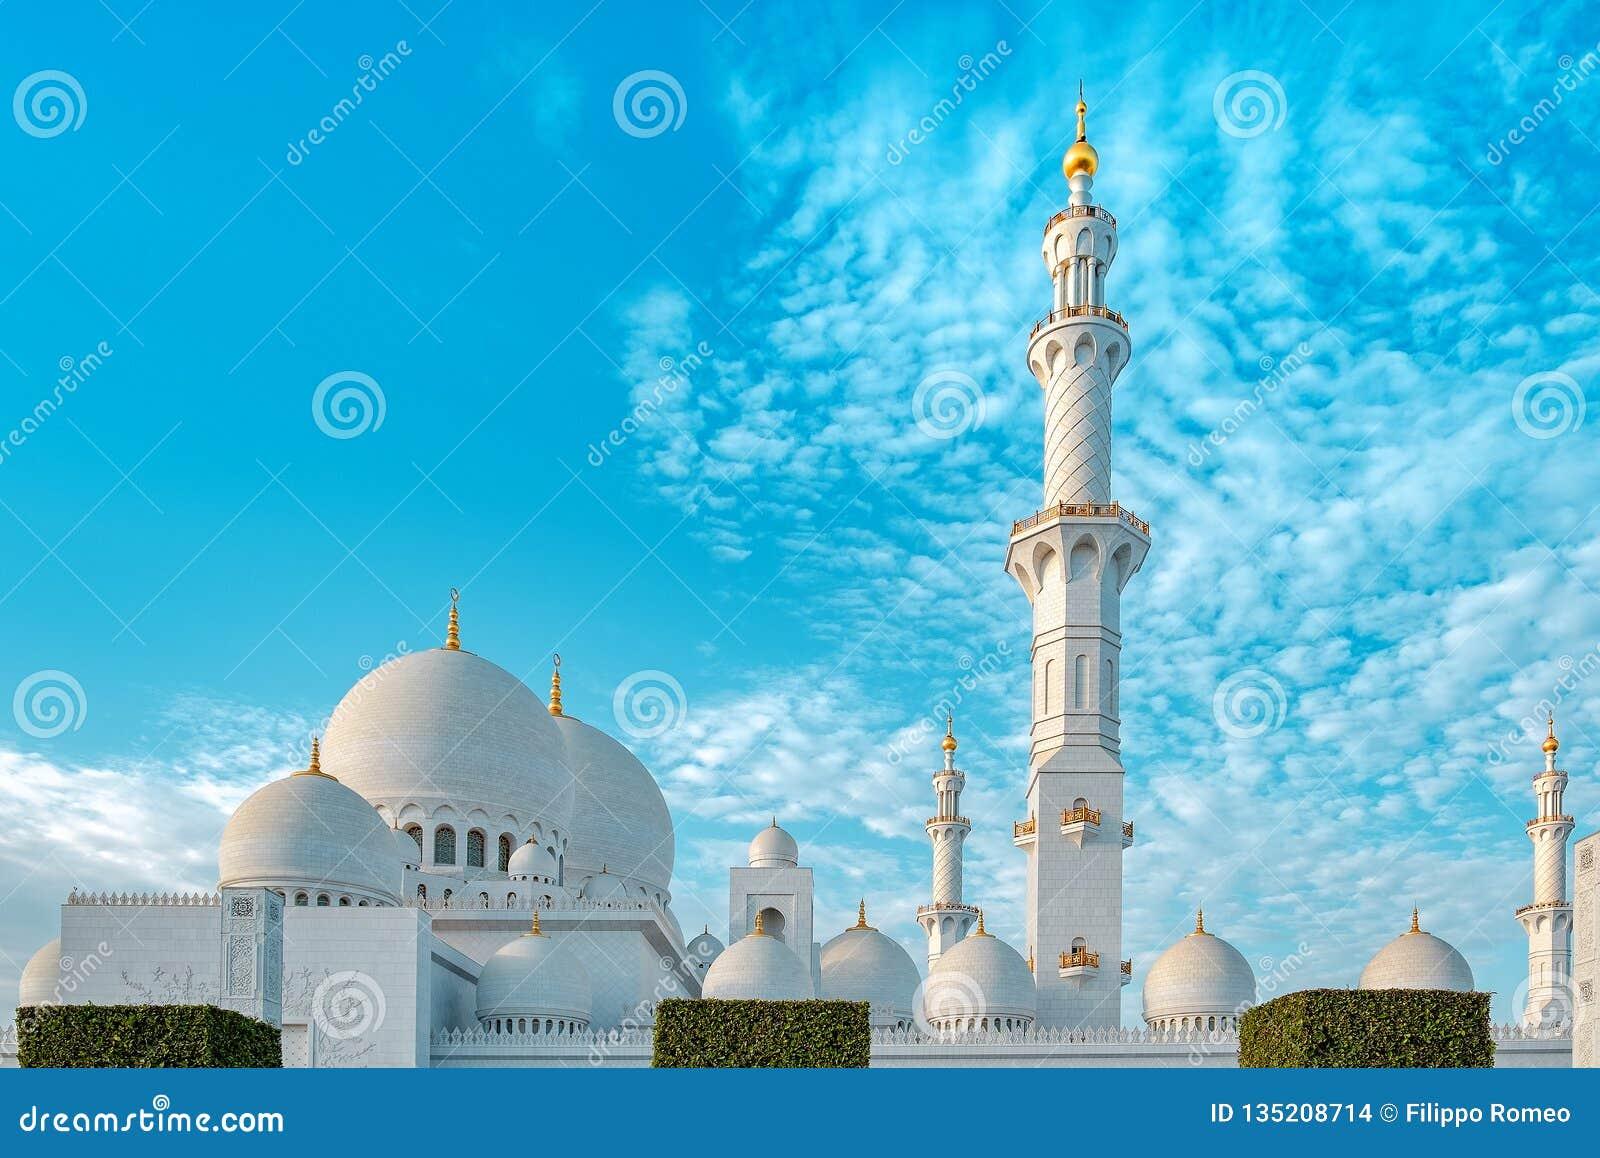 De sjeik zayed moskeebuitenkant